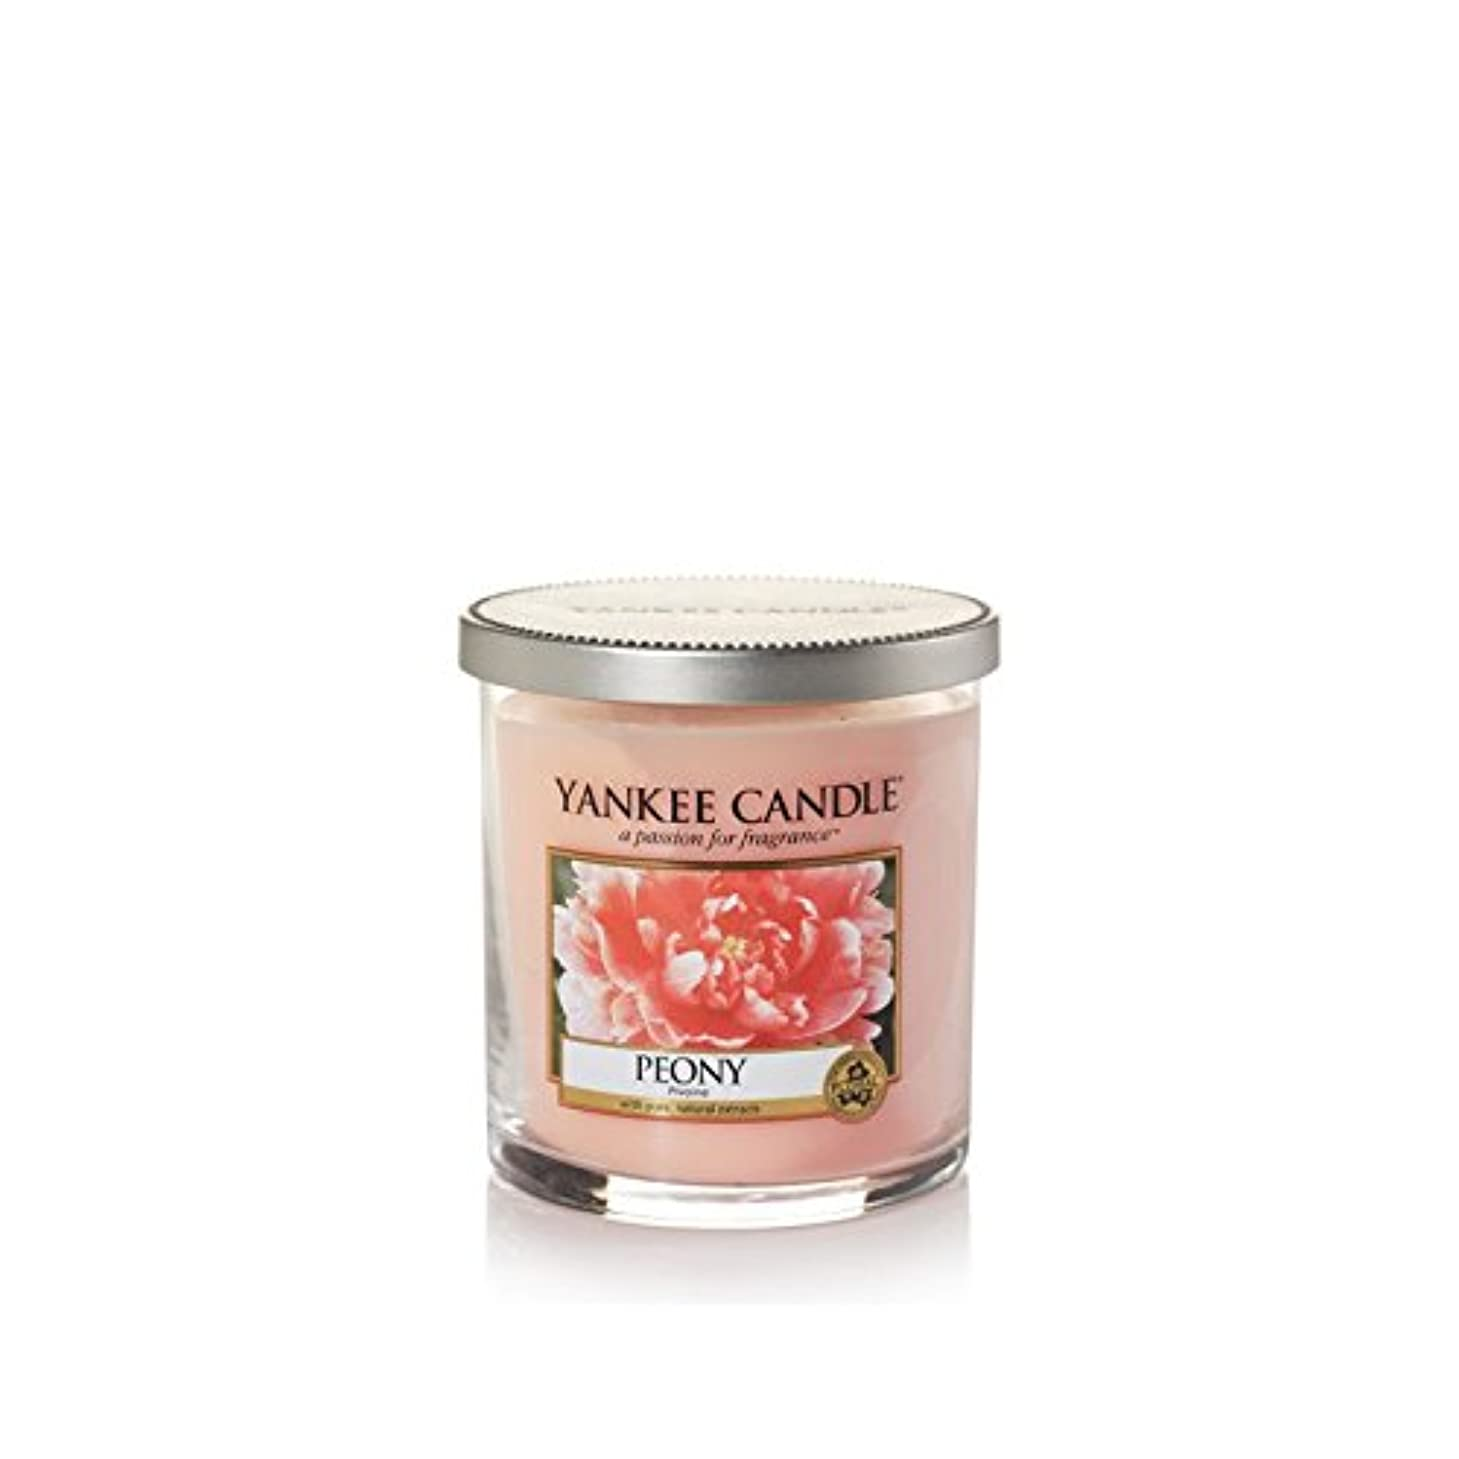 なめらかな奨学金容器Yankee Candles Small Pillar Candle - Peony (Pack of 2) - ヤンキーキャンドルの小さな柱キャンドル - 牡丹 (x2) [並行輸入品]